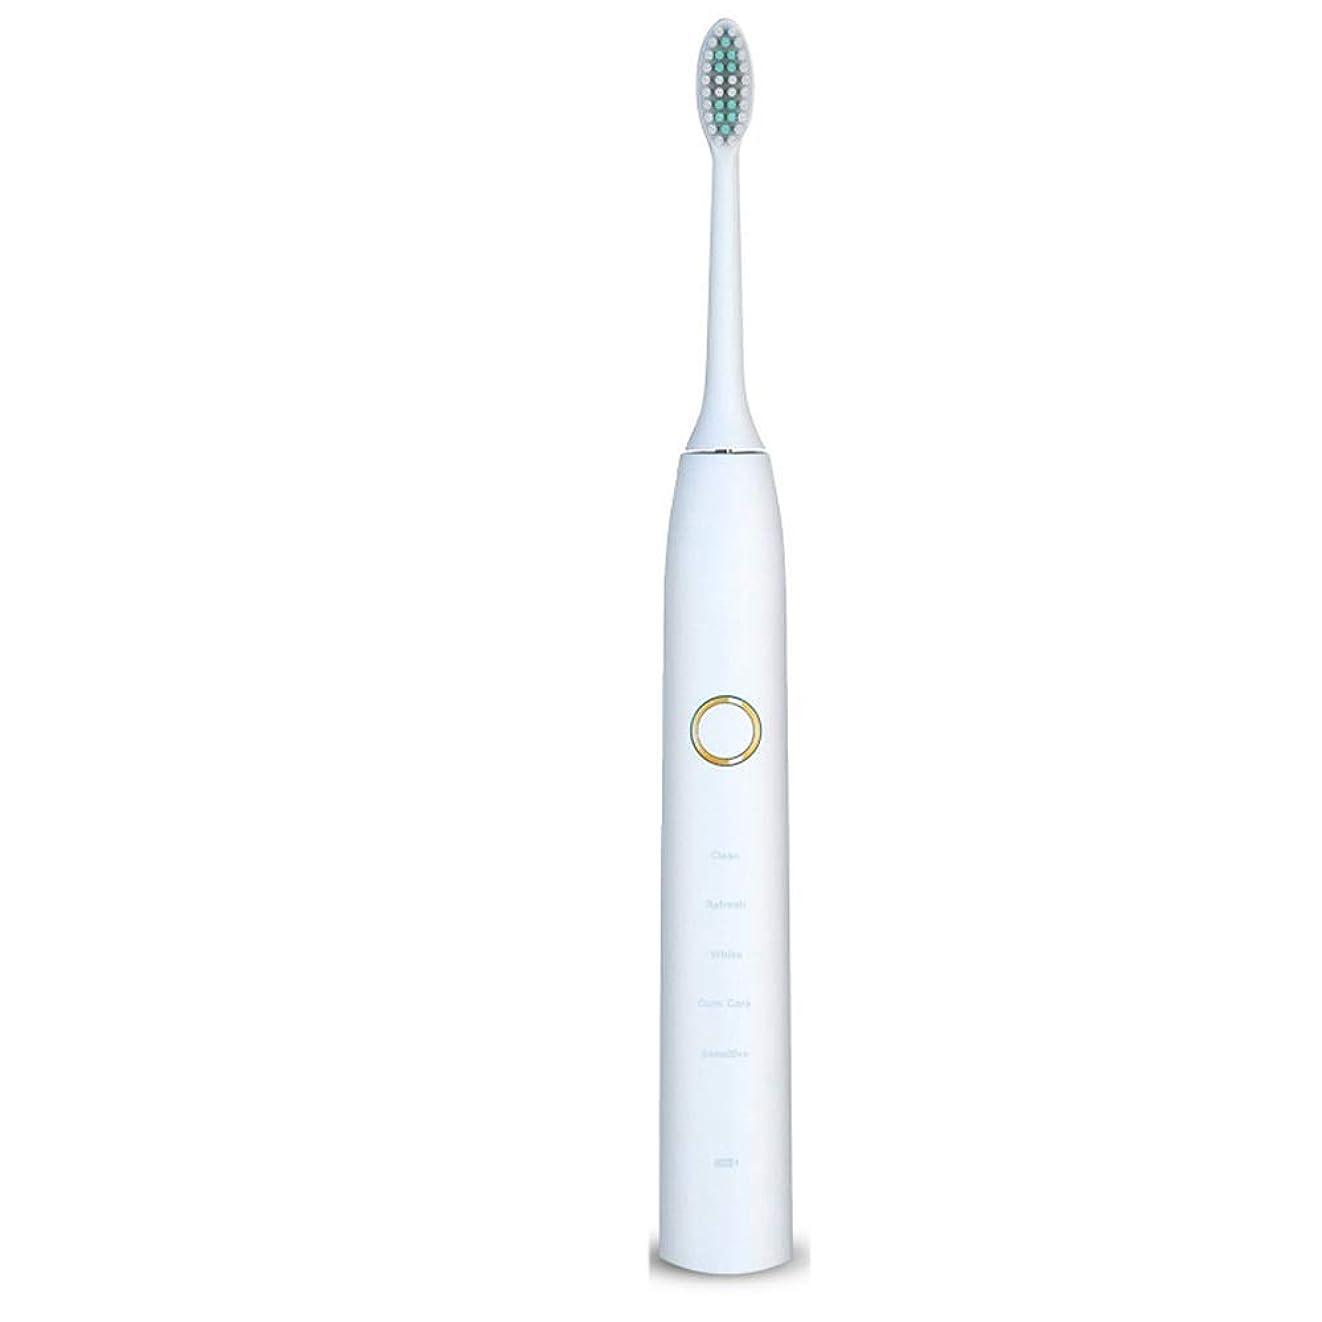 しつけ壊れたメガロポリス電動歯ブラシ 電動歯ブラシUSB充電式ソフトヘア保護クリーンホワイトニング歯ブラシ ケアー プロテクトクリーン (色 : 白, サイズ : Free size)